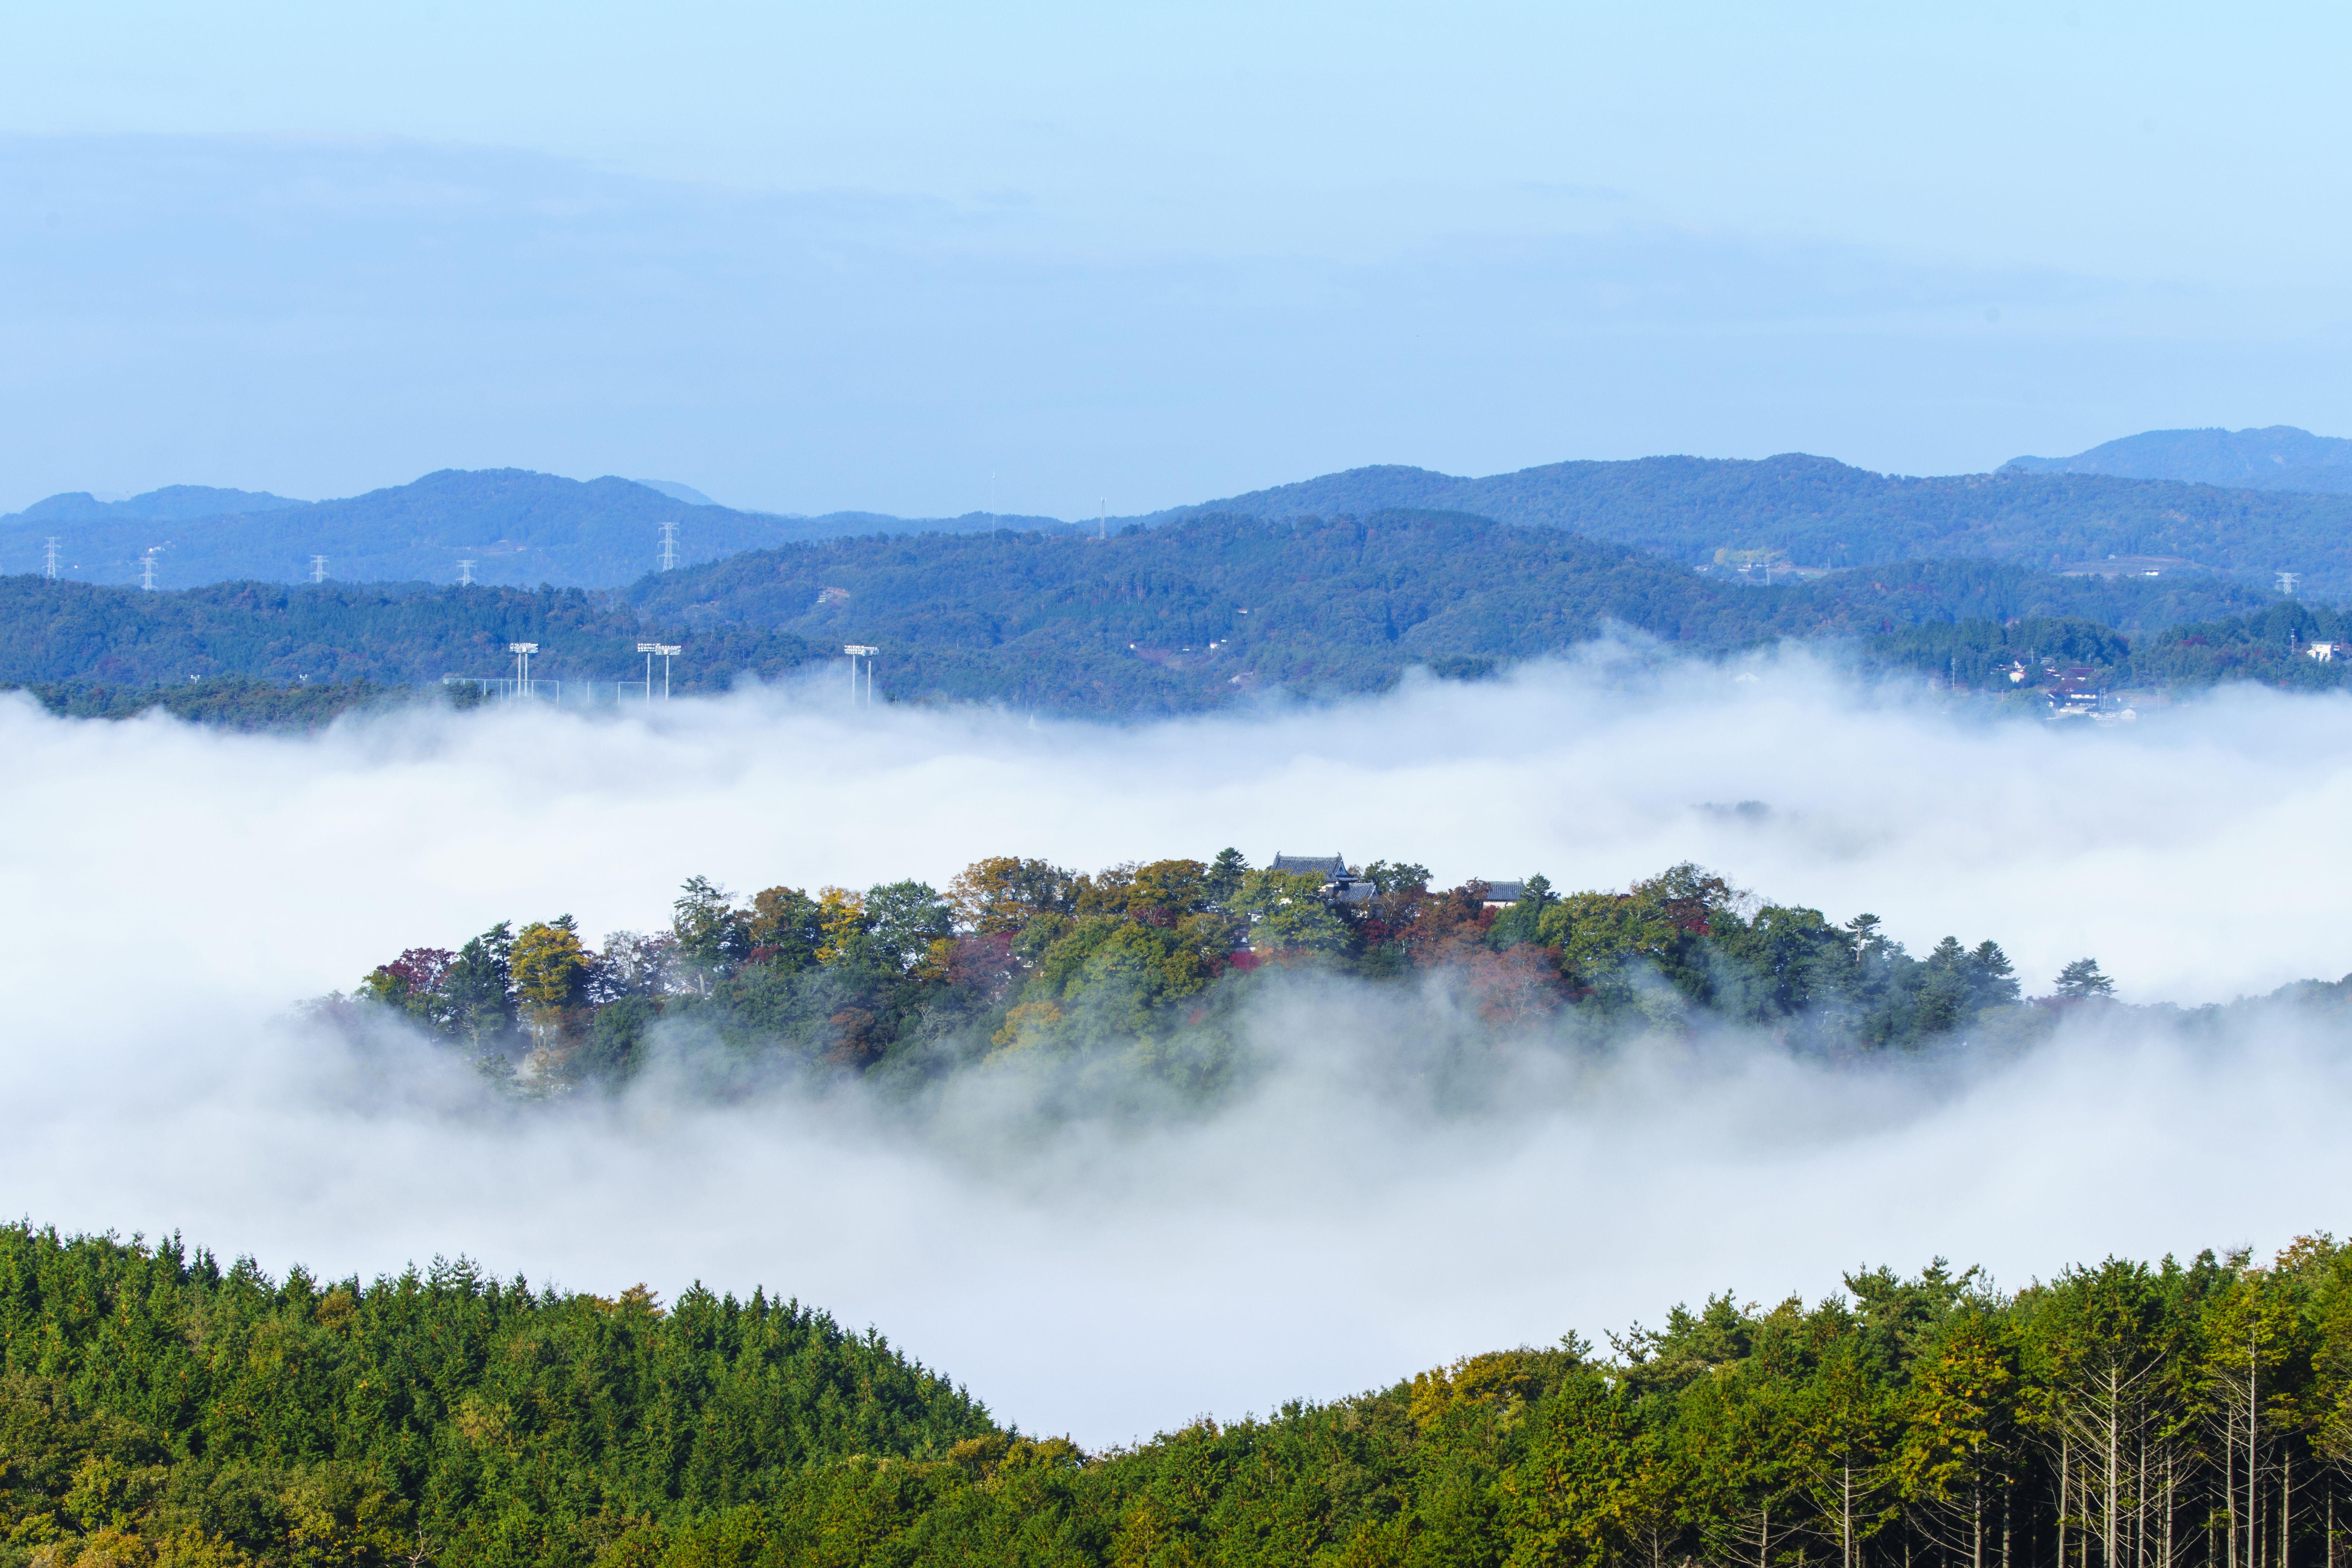 台湾からの直通便も運行! 絶景や美食を満喫できる岡山の見どころ&モデルルートを紹介